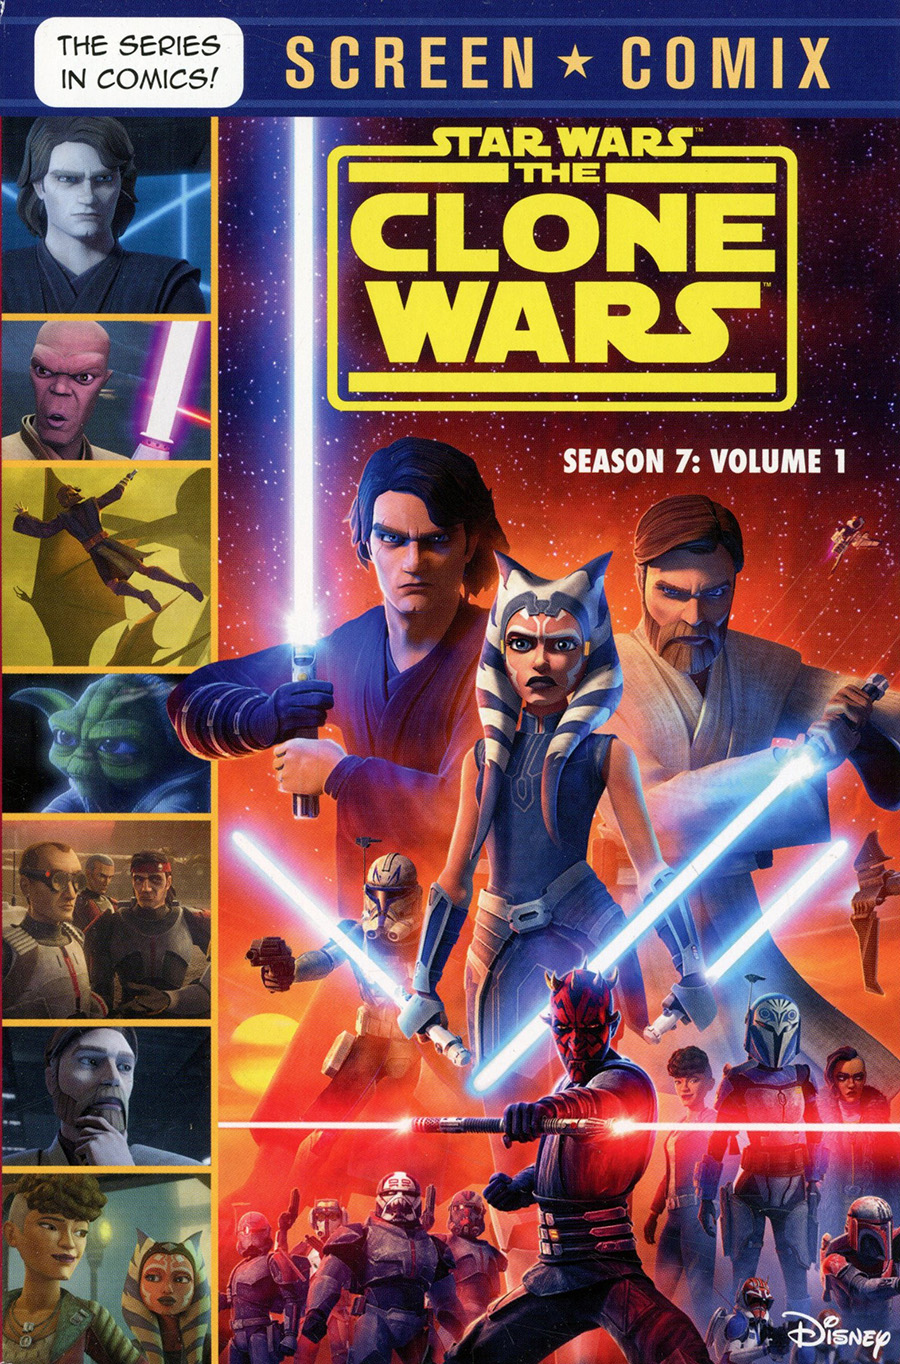 Star Wars Clone Wars Season 7 Screen Comix Vol 1 TP